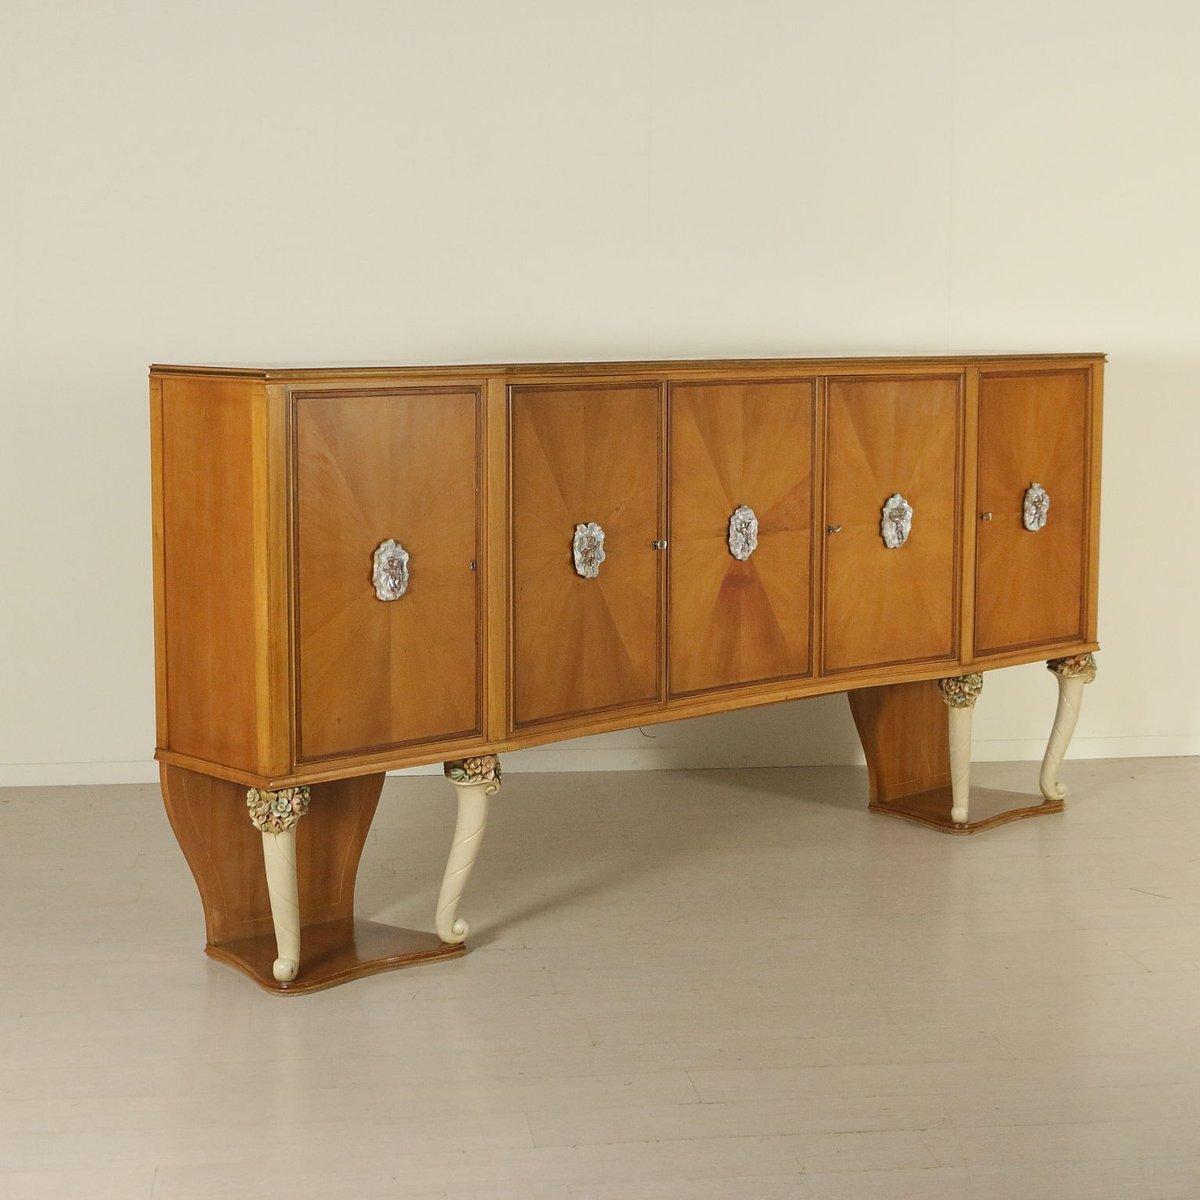 italienisches sideboard aus kirschholz mit zierkeramik 1950er bei pamono kaufen. Black Bedroom Furniture Sets. Home Design Ideas